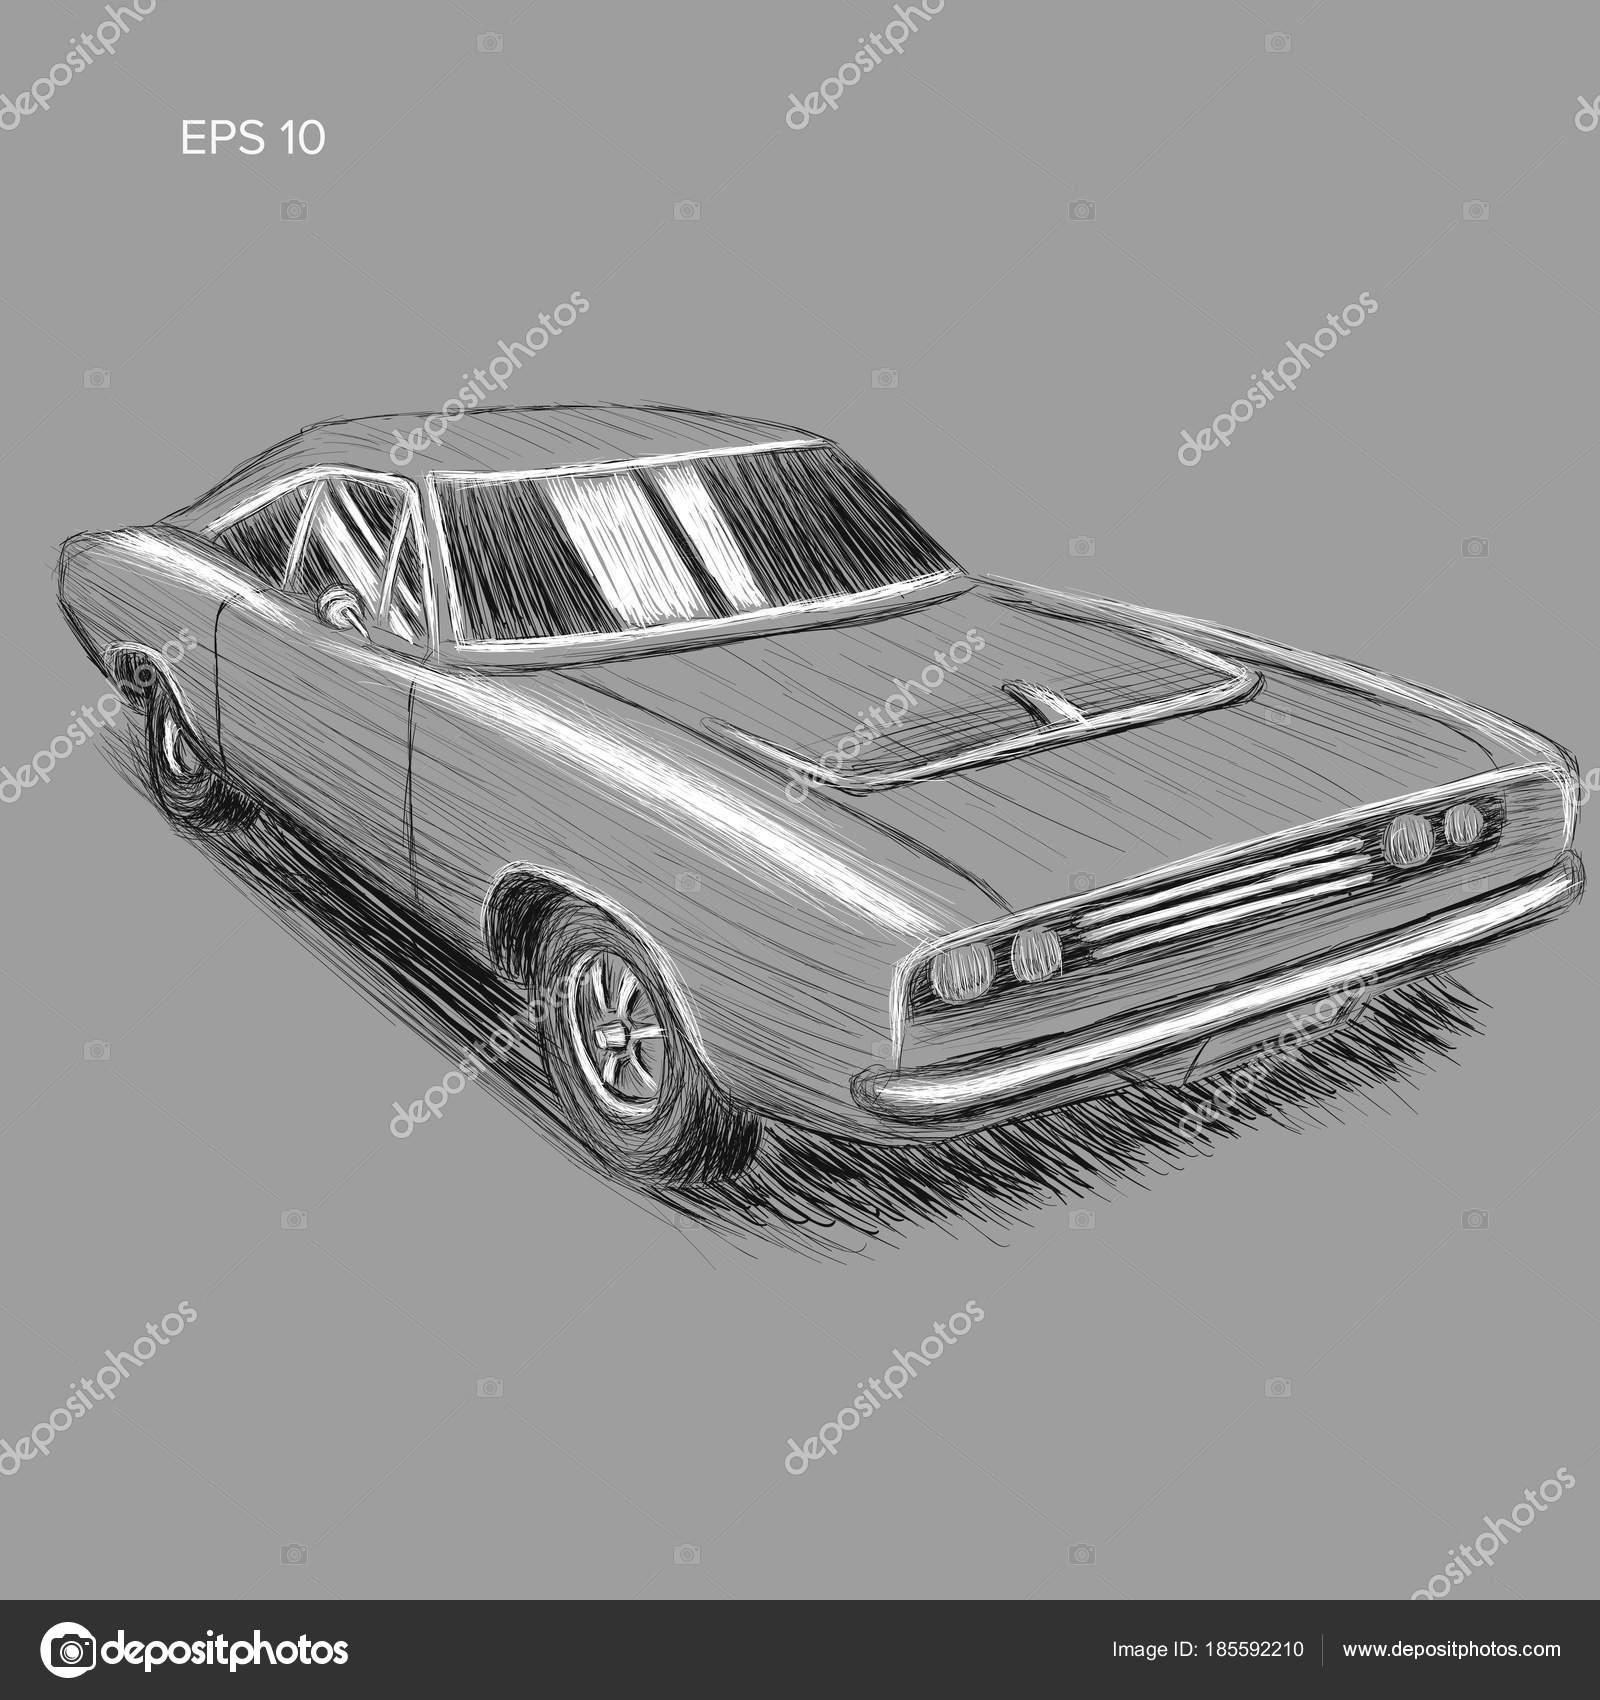 Klassische amerikanische Muscle-Car Handskizze gezeichnete Vektor ...